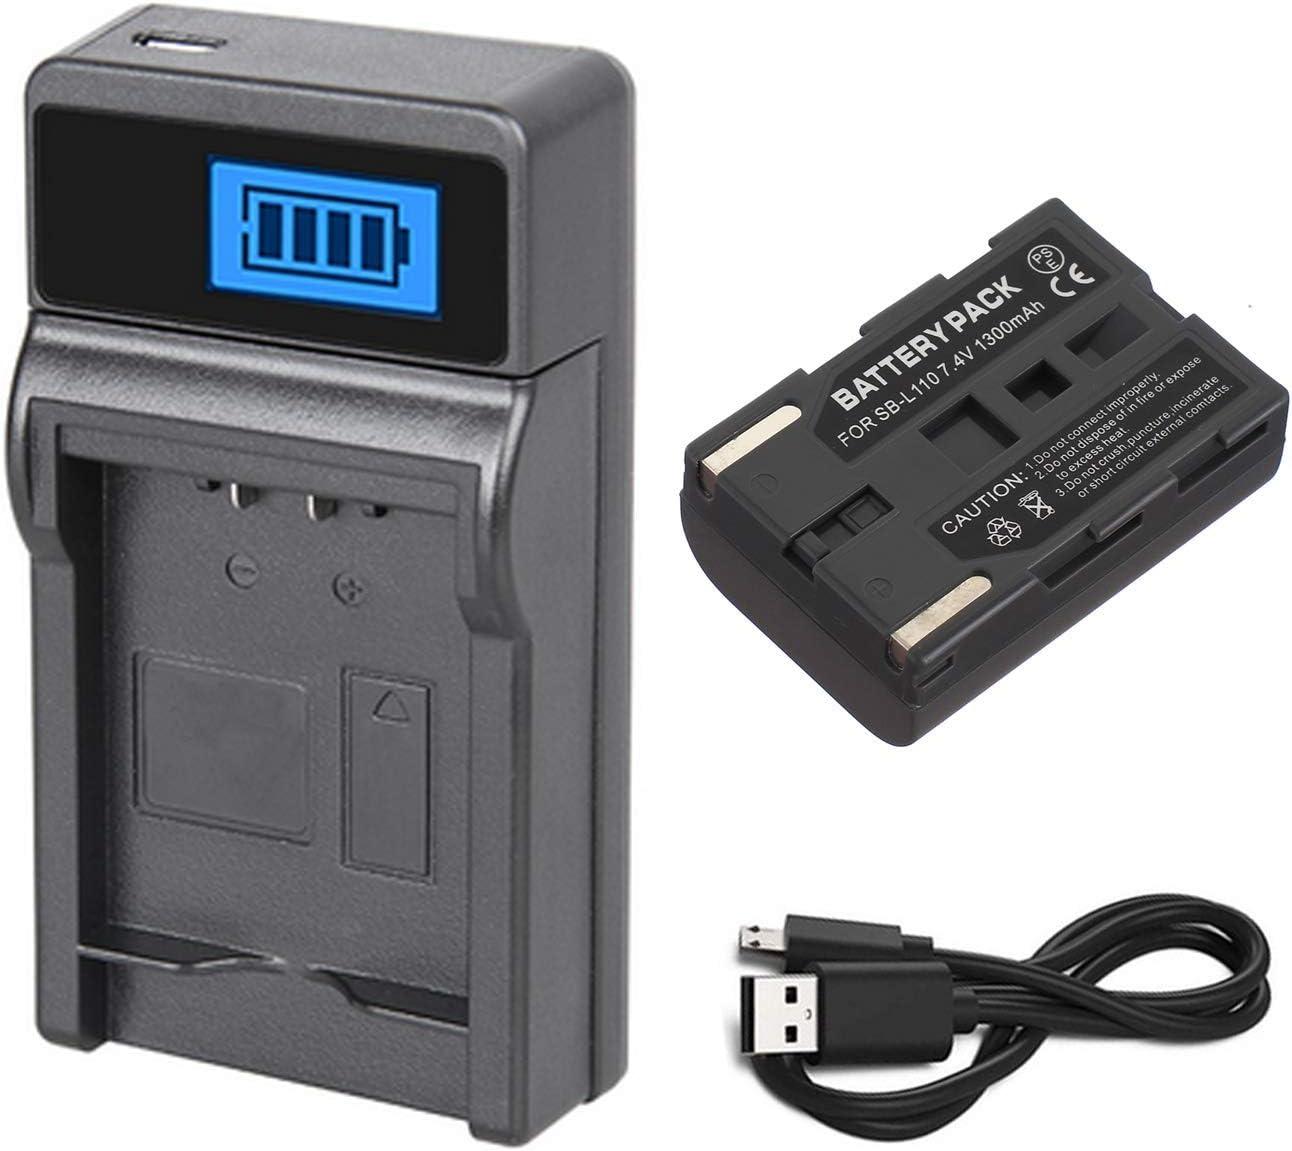 VP-D307i Digital Video Camcorder Battery Pack VP-D305i Charger for Samsung VP-D305 VP-D307